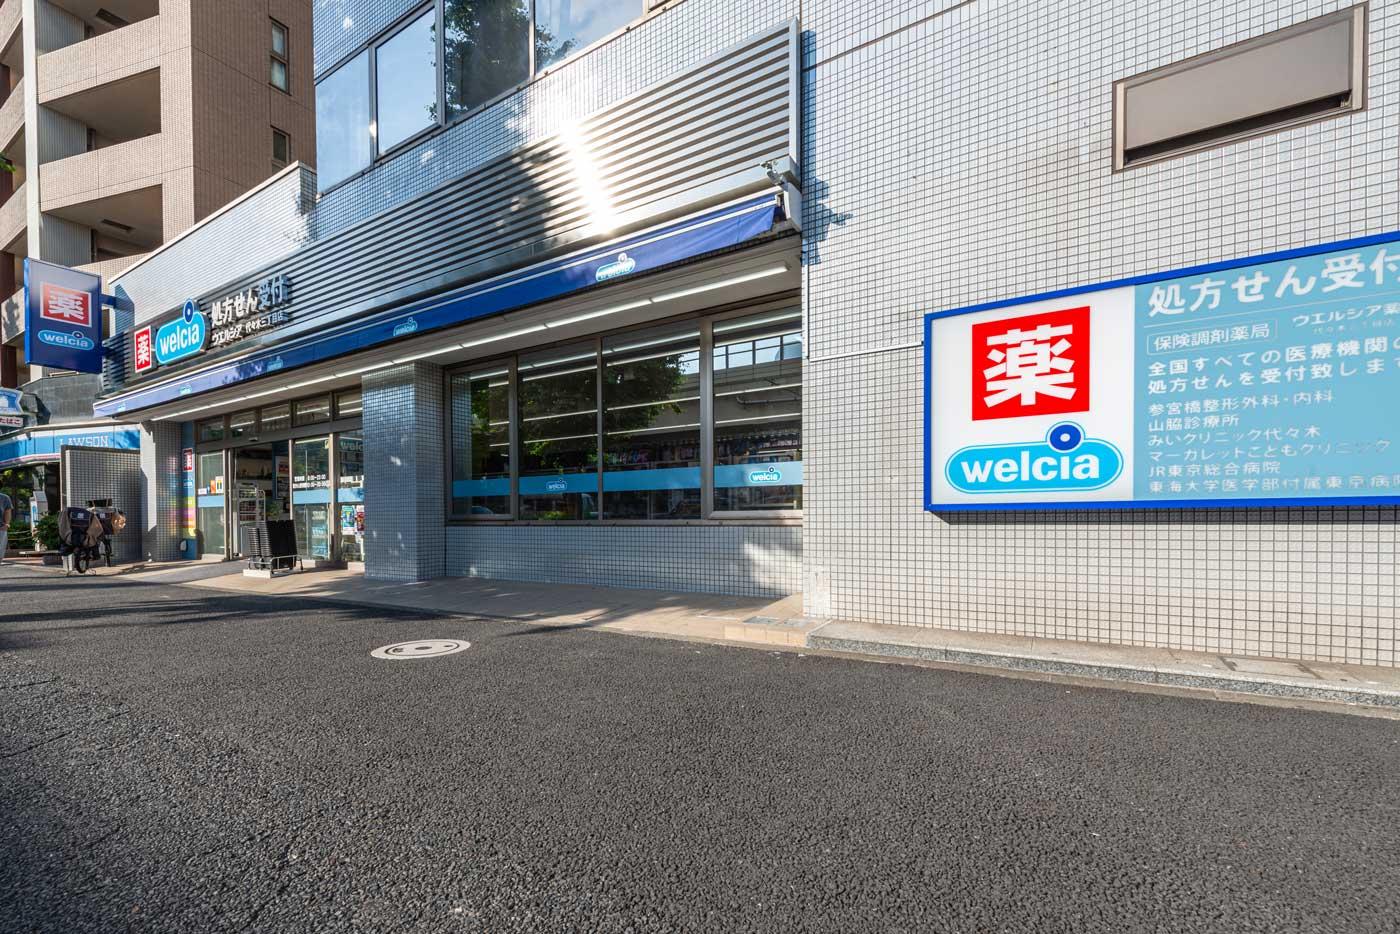 ウェルシア代々木三丁目店(280m)